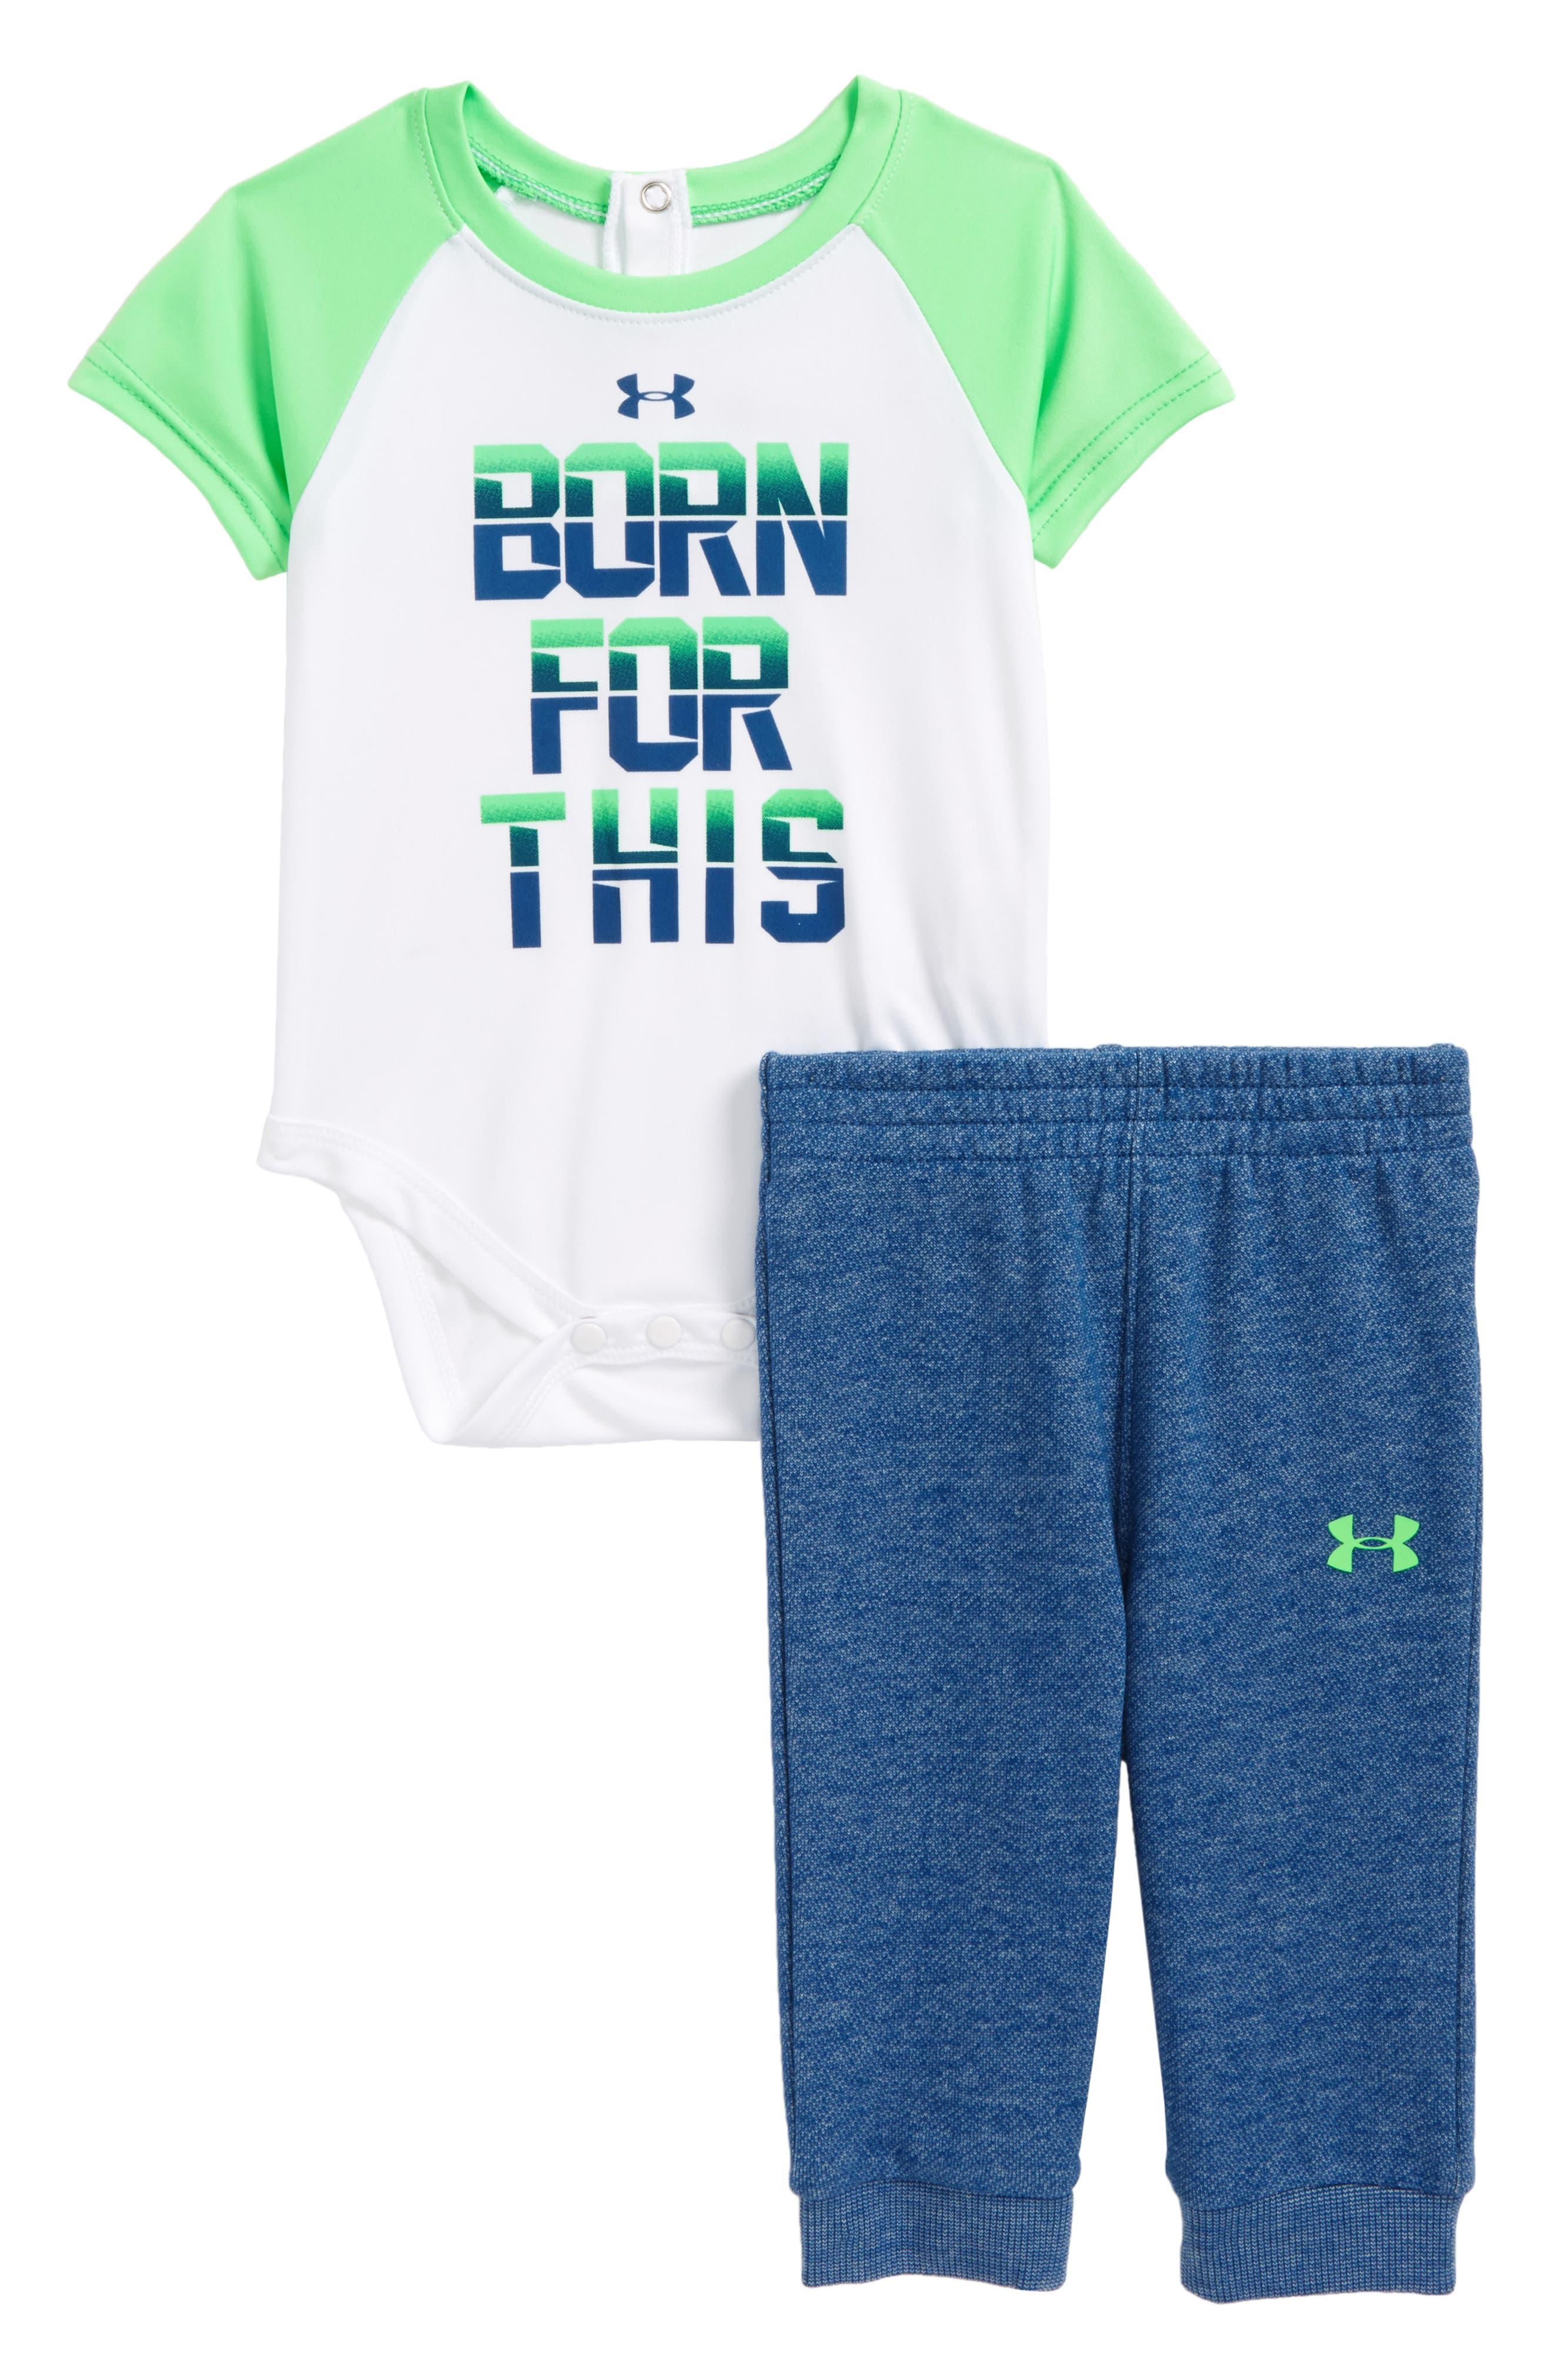 Born For This Bodysuit & Pants Set,                         Main,                         color, 100